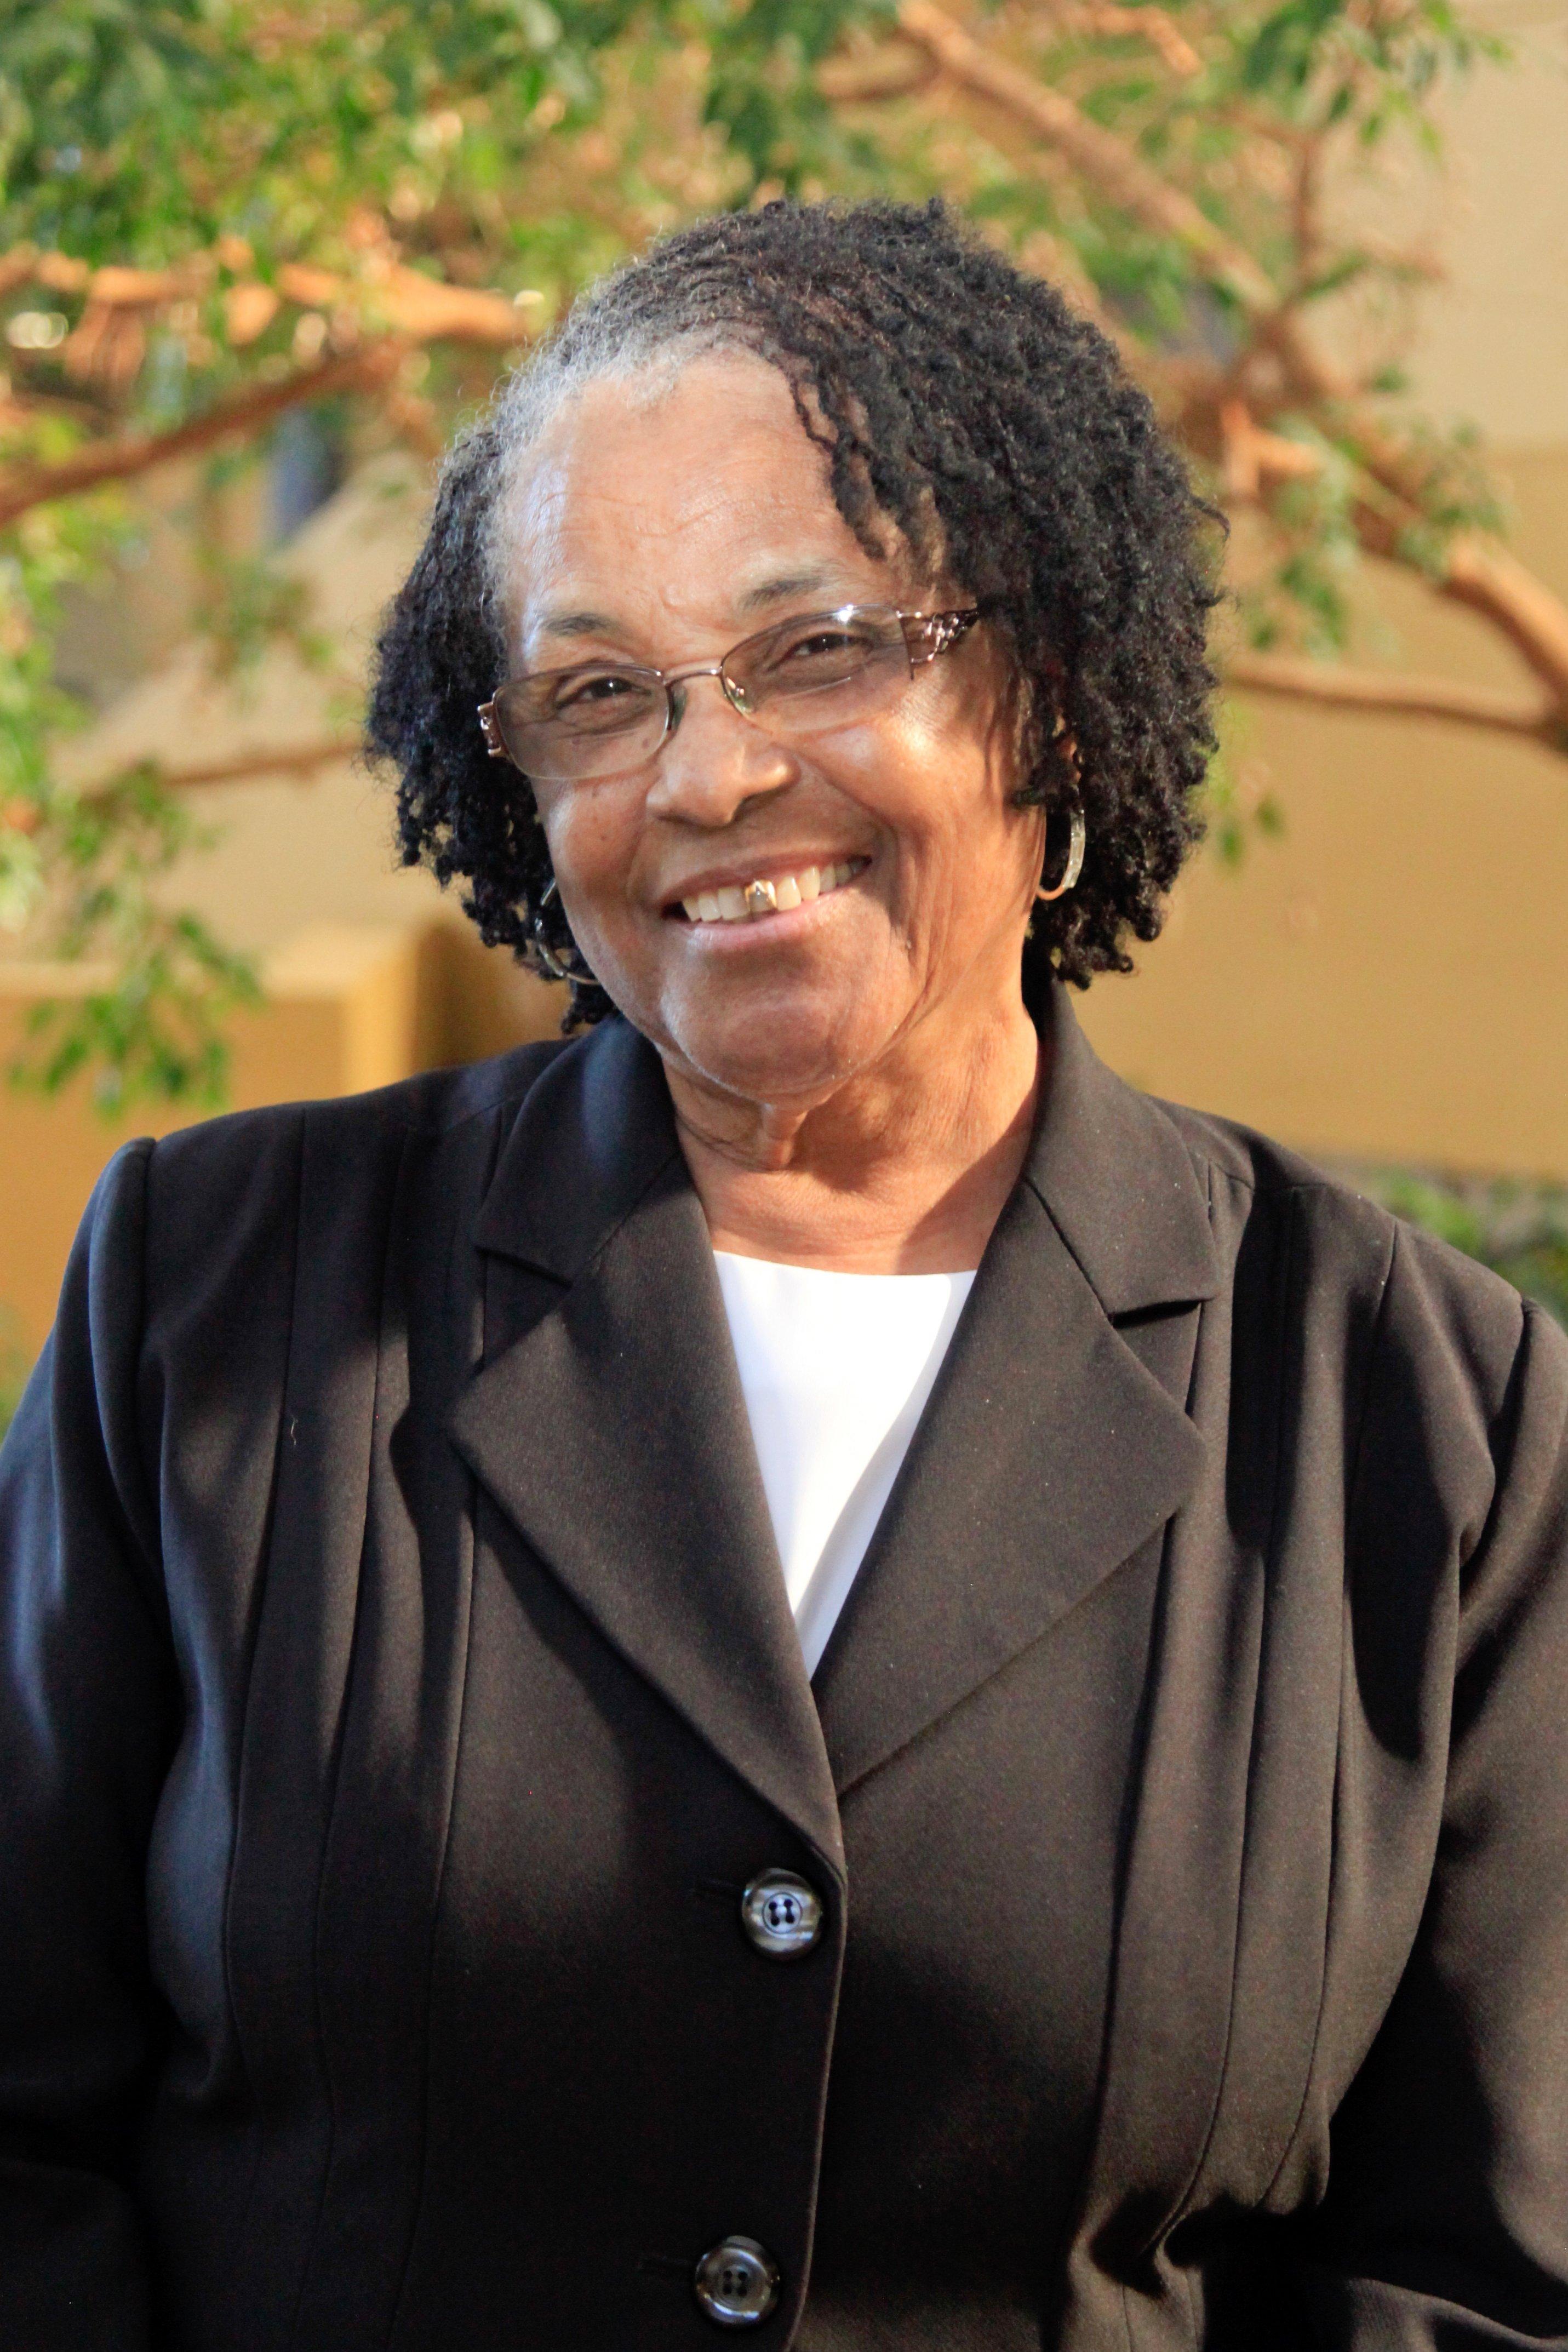 Sis. M. Moore